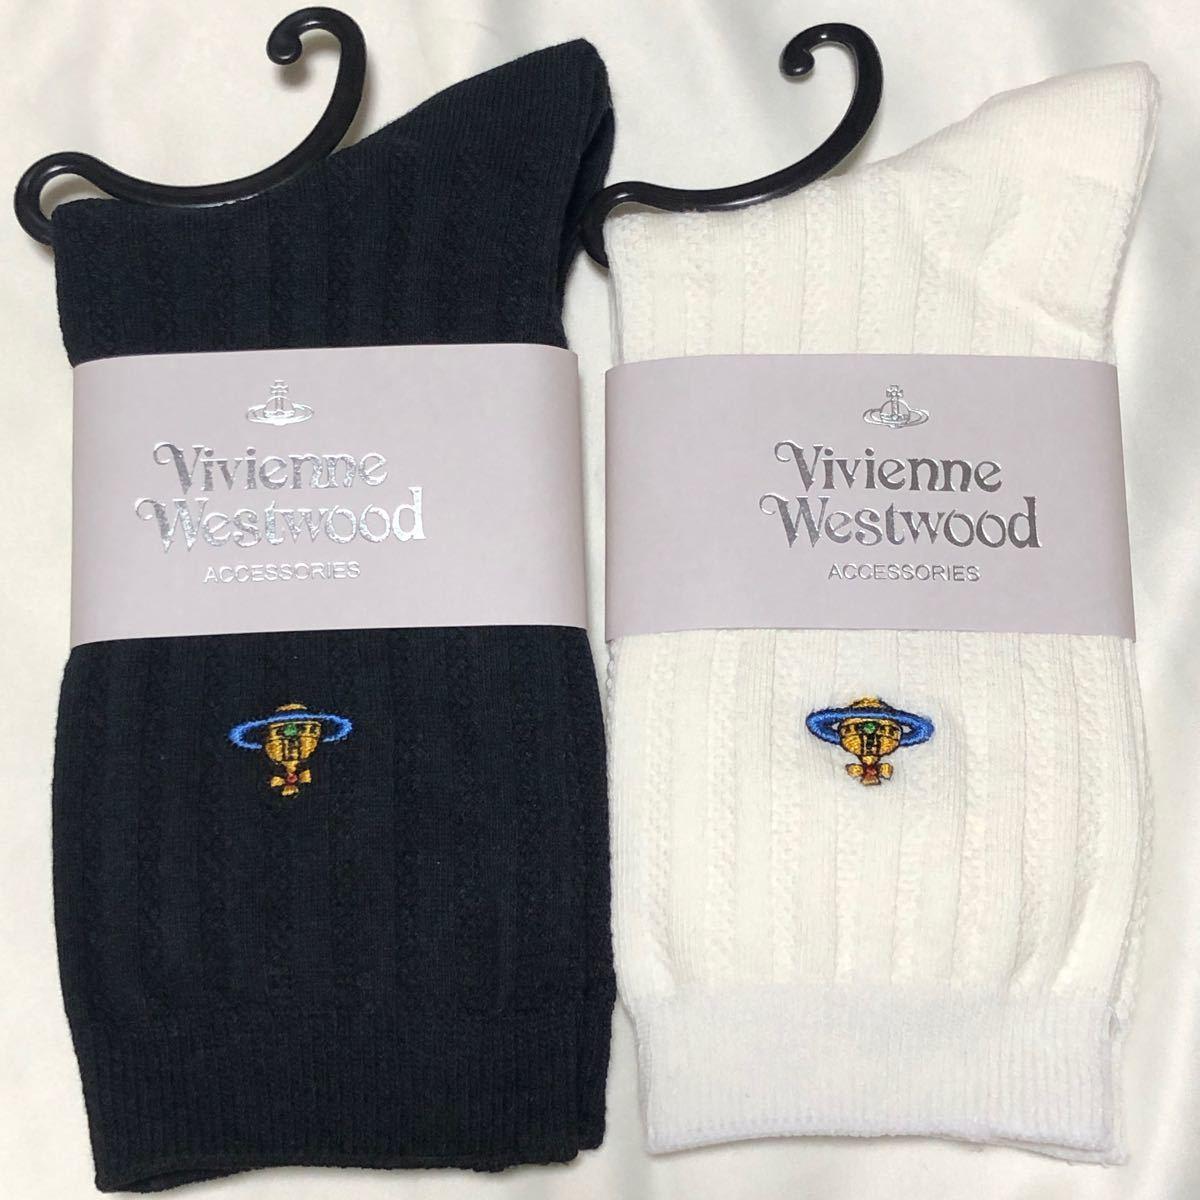 vivienne westwood ヴィヴィアンウエストウッド  ソックス 靴下